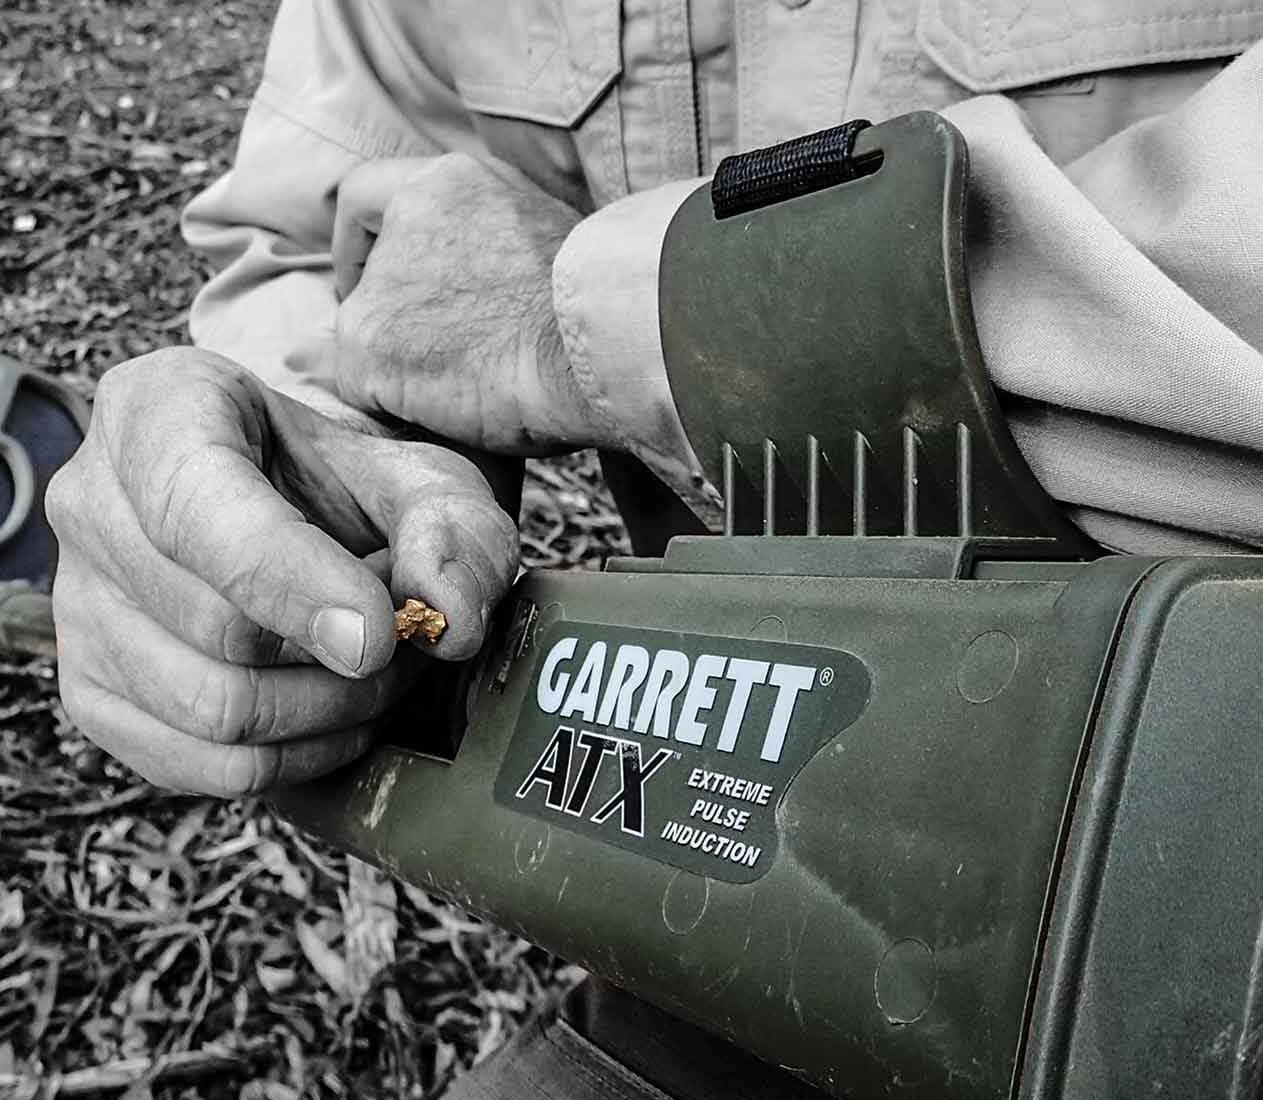 Metal Detector ATX Garrett per rilevare pepite dì oro